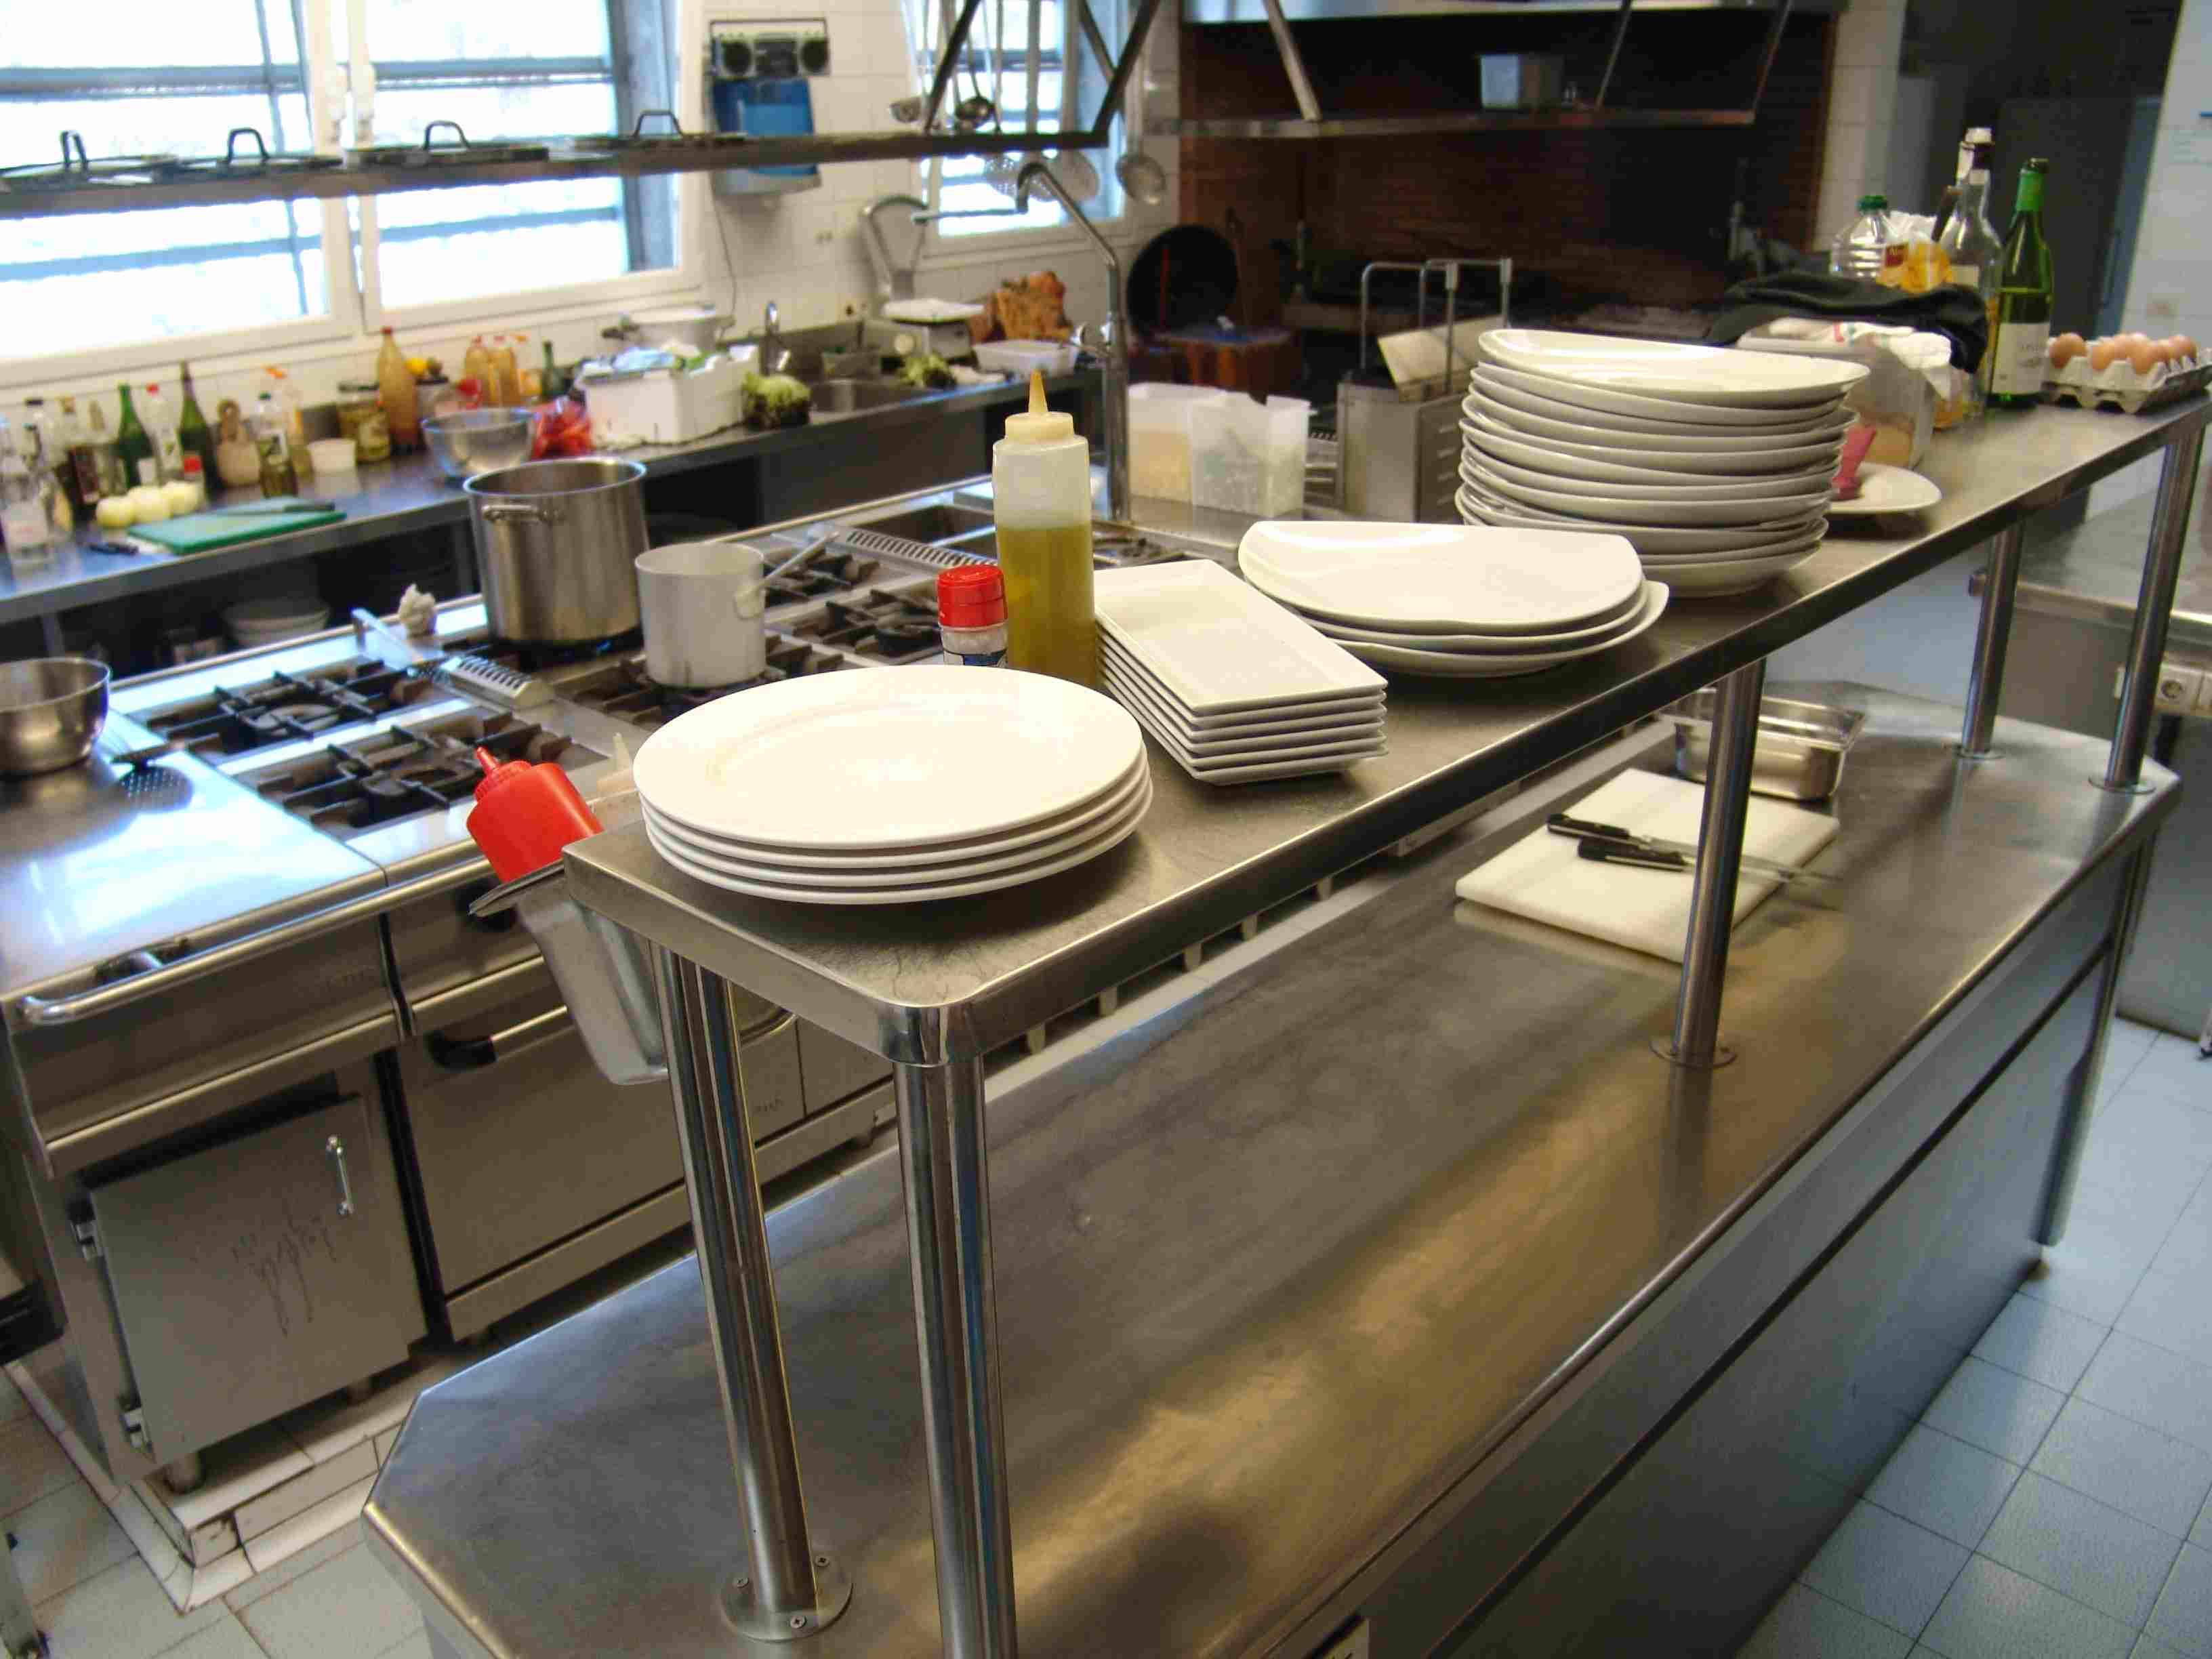 Restaurante asador urtegialde en urr naga cocina for Utensilios y materiales de una cocina de restaurante